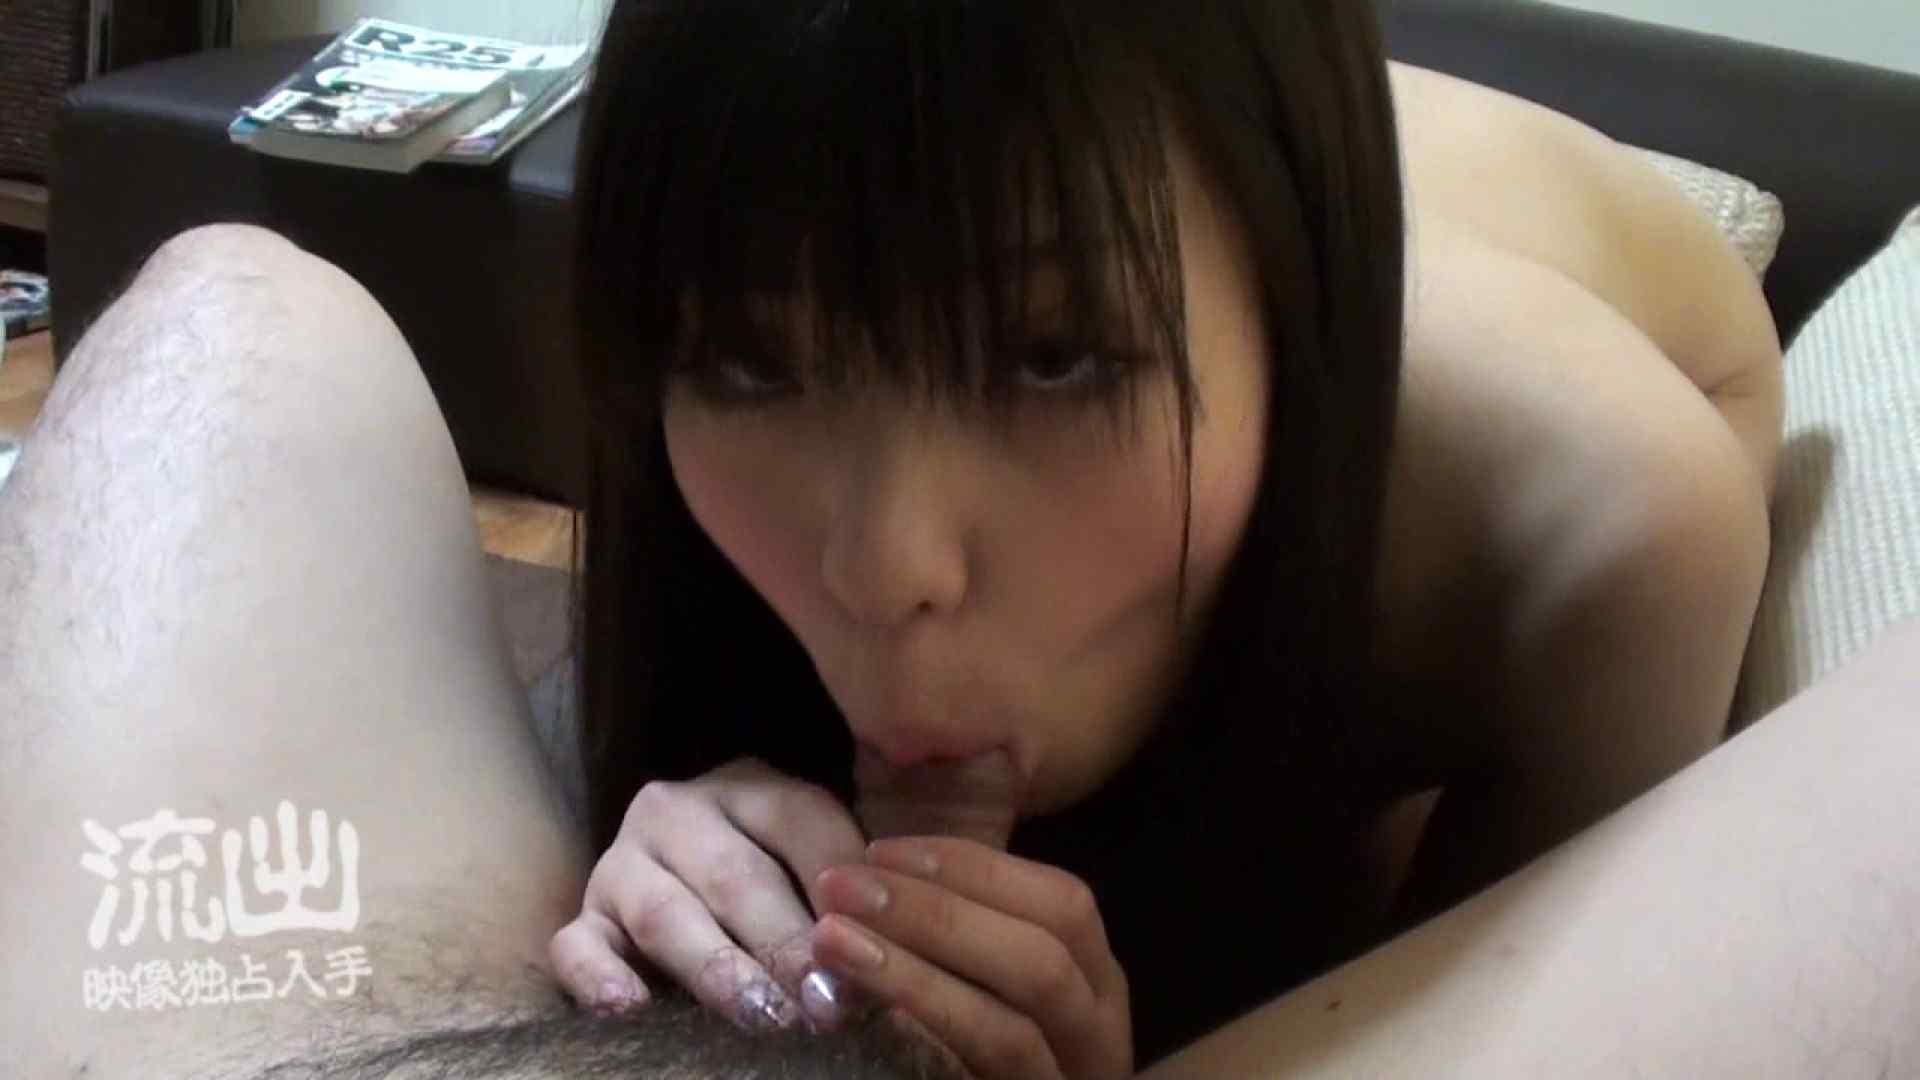 素人流出動画 都内在住マモルくんのファイルvol.2 素人丸裸 おまんこ動画流出 74pic 65